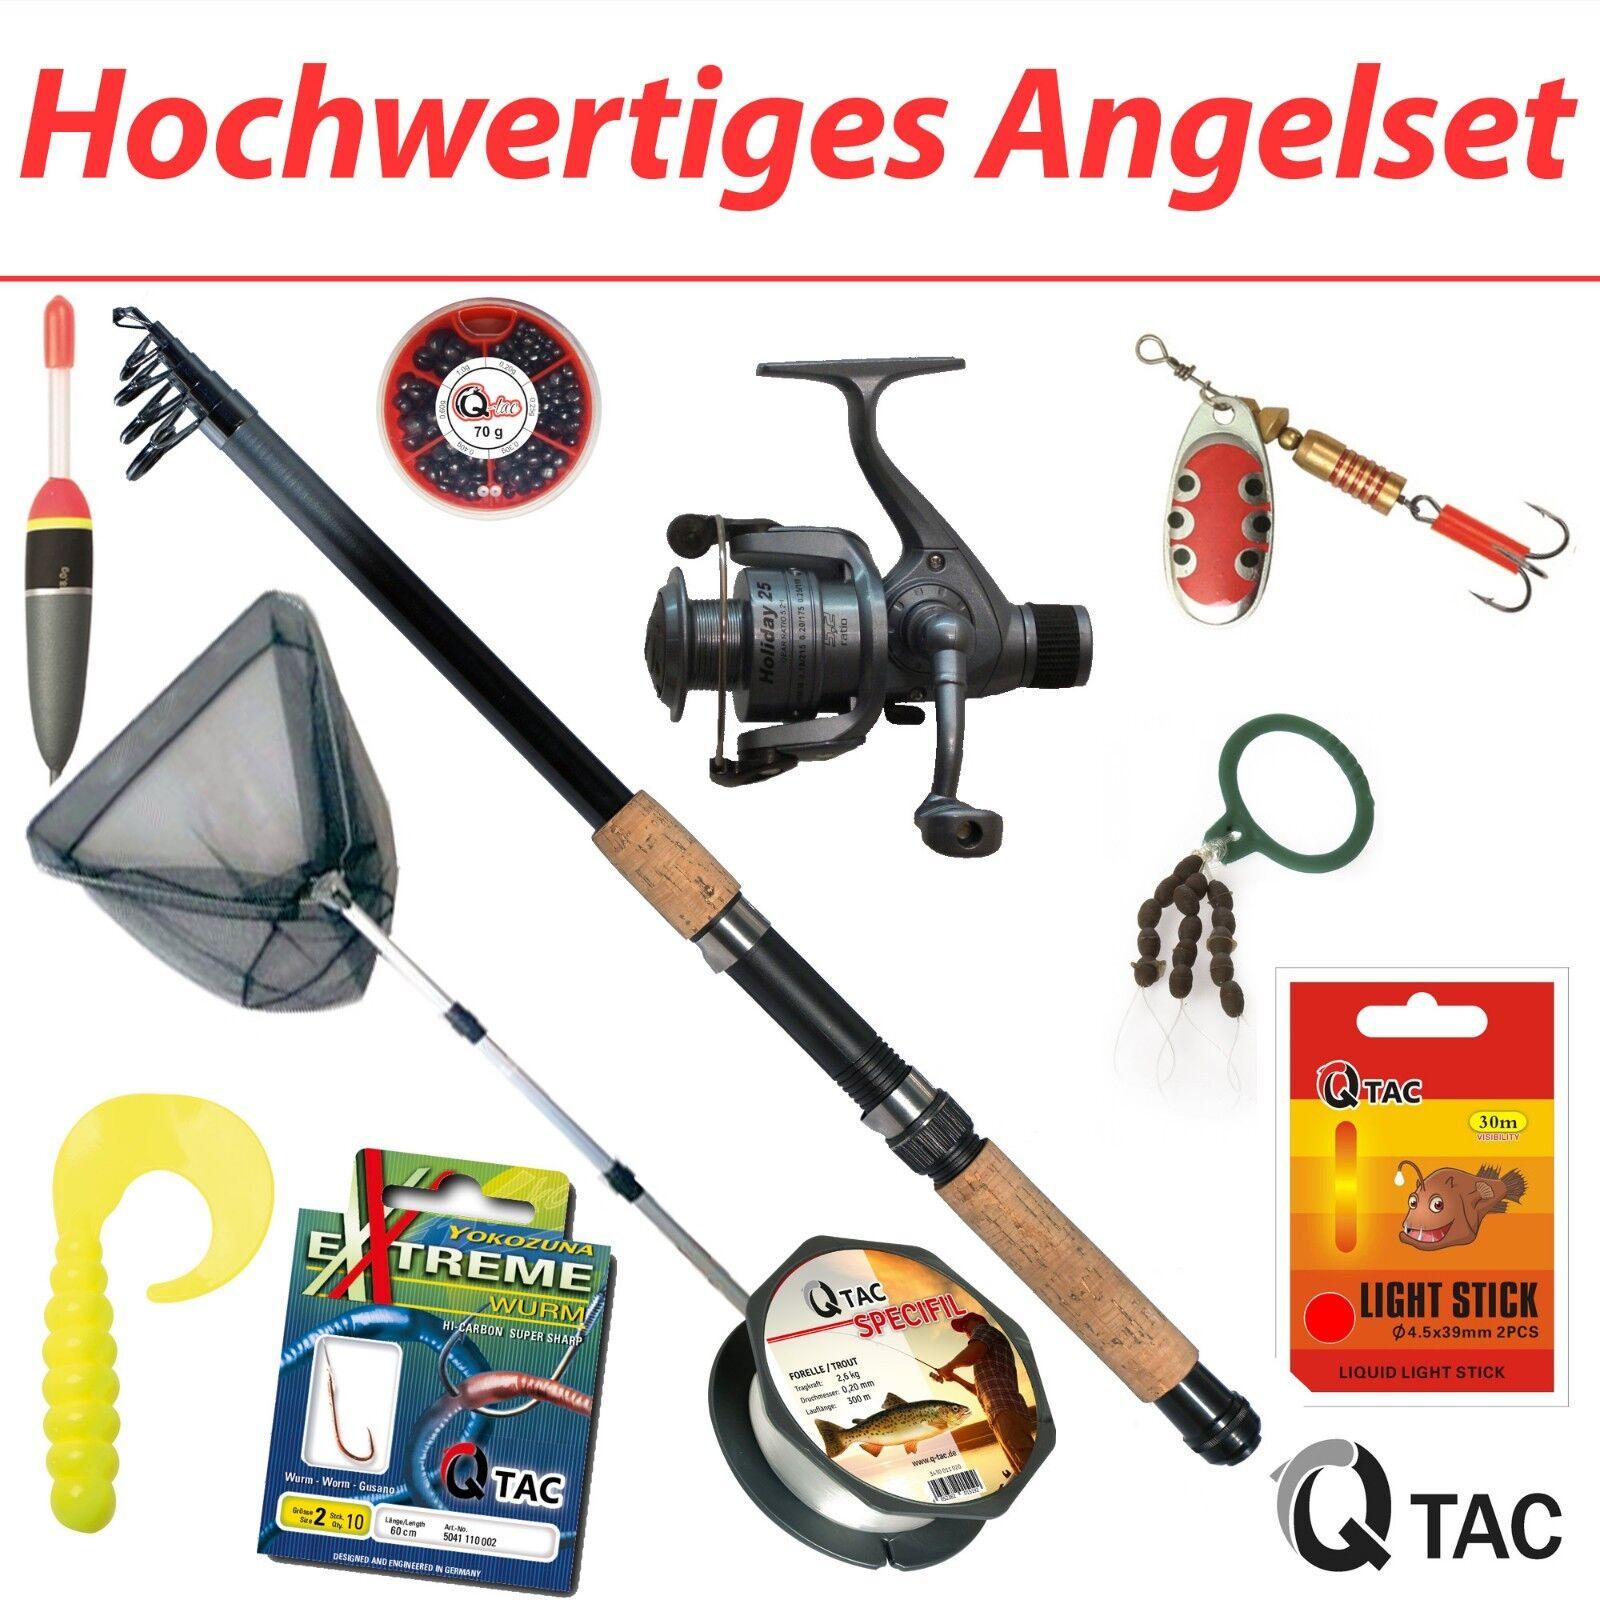 Q-Tac Hochwertiges Angelset - Komplettset Ideal für Profis, Kinder & Einsteiger  | Vorzugspreis